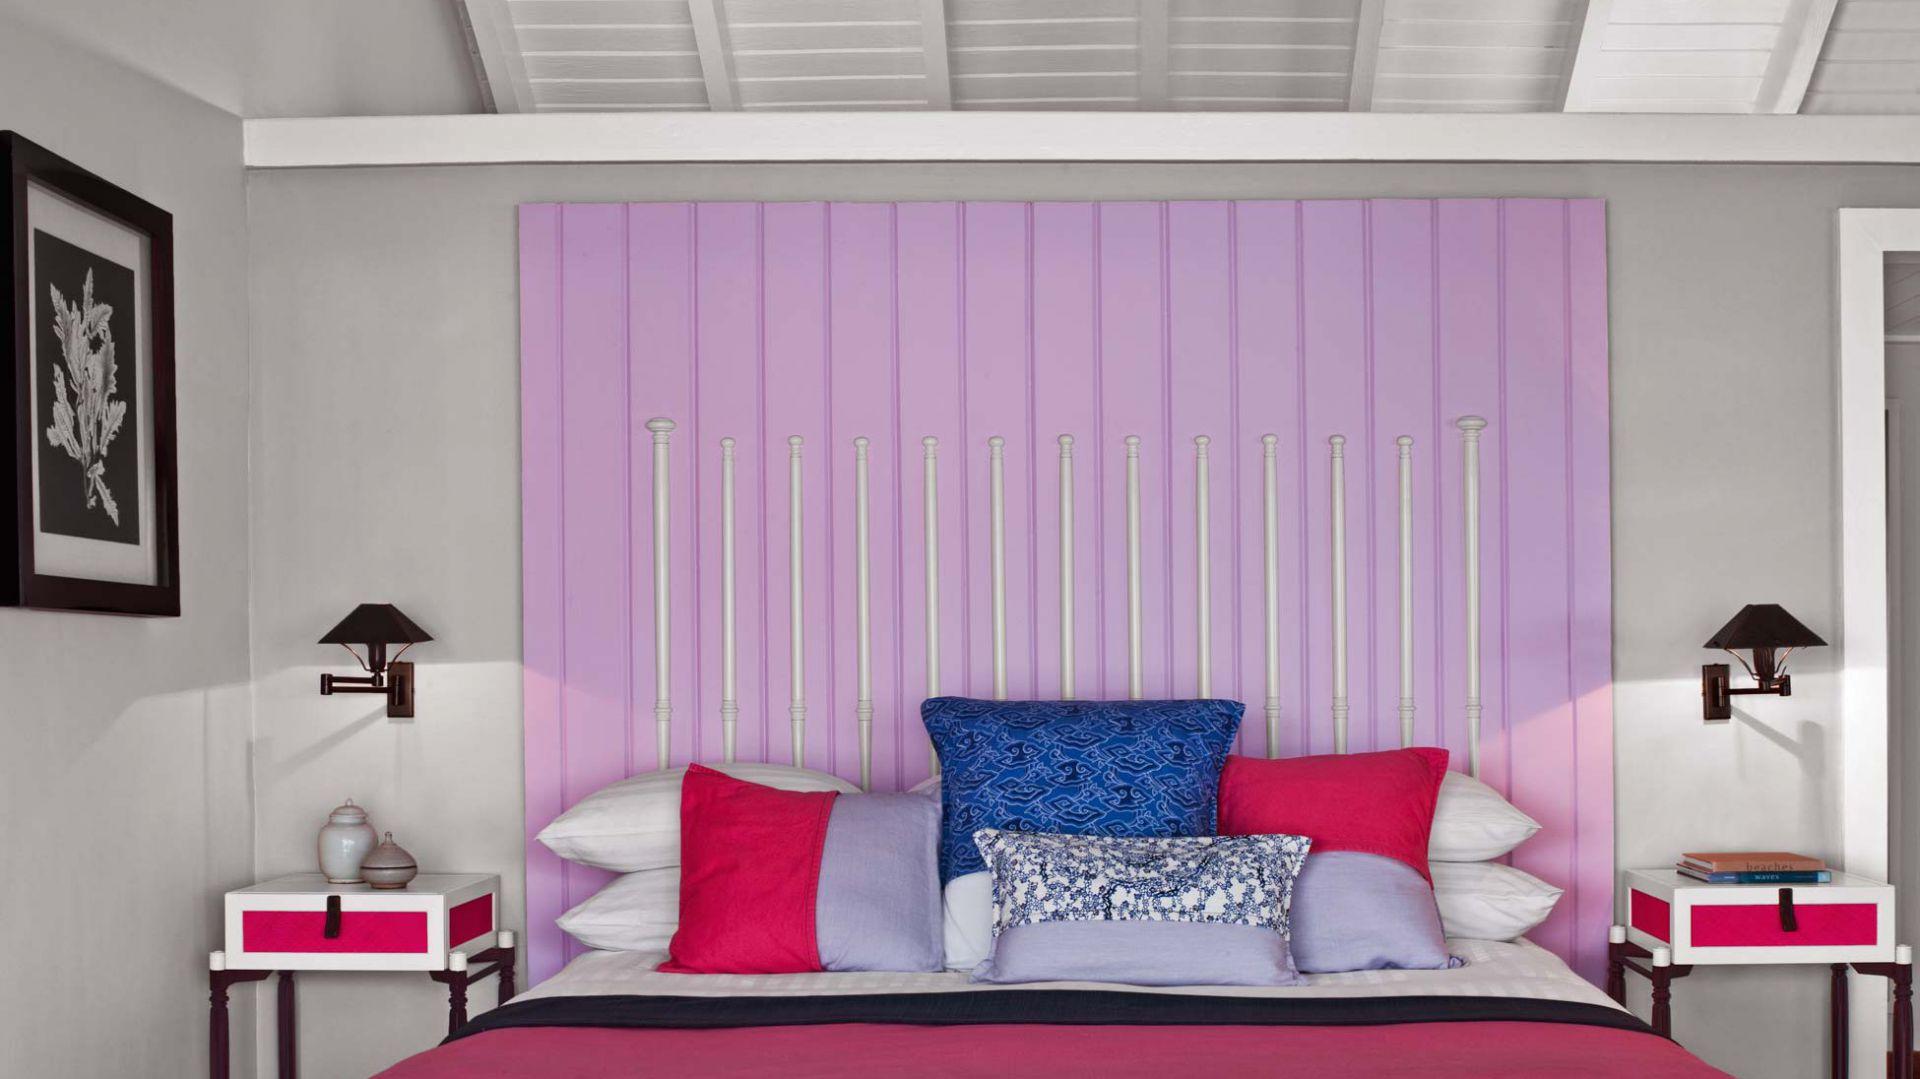 Liliowy motyw na ścianie skutecznie wprowadza kolor do sypialni. Fot.Luis Pons Design Lab.